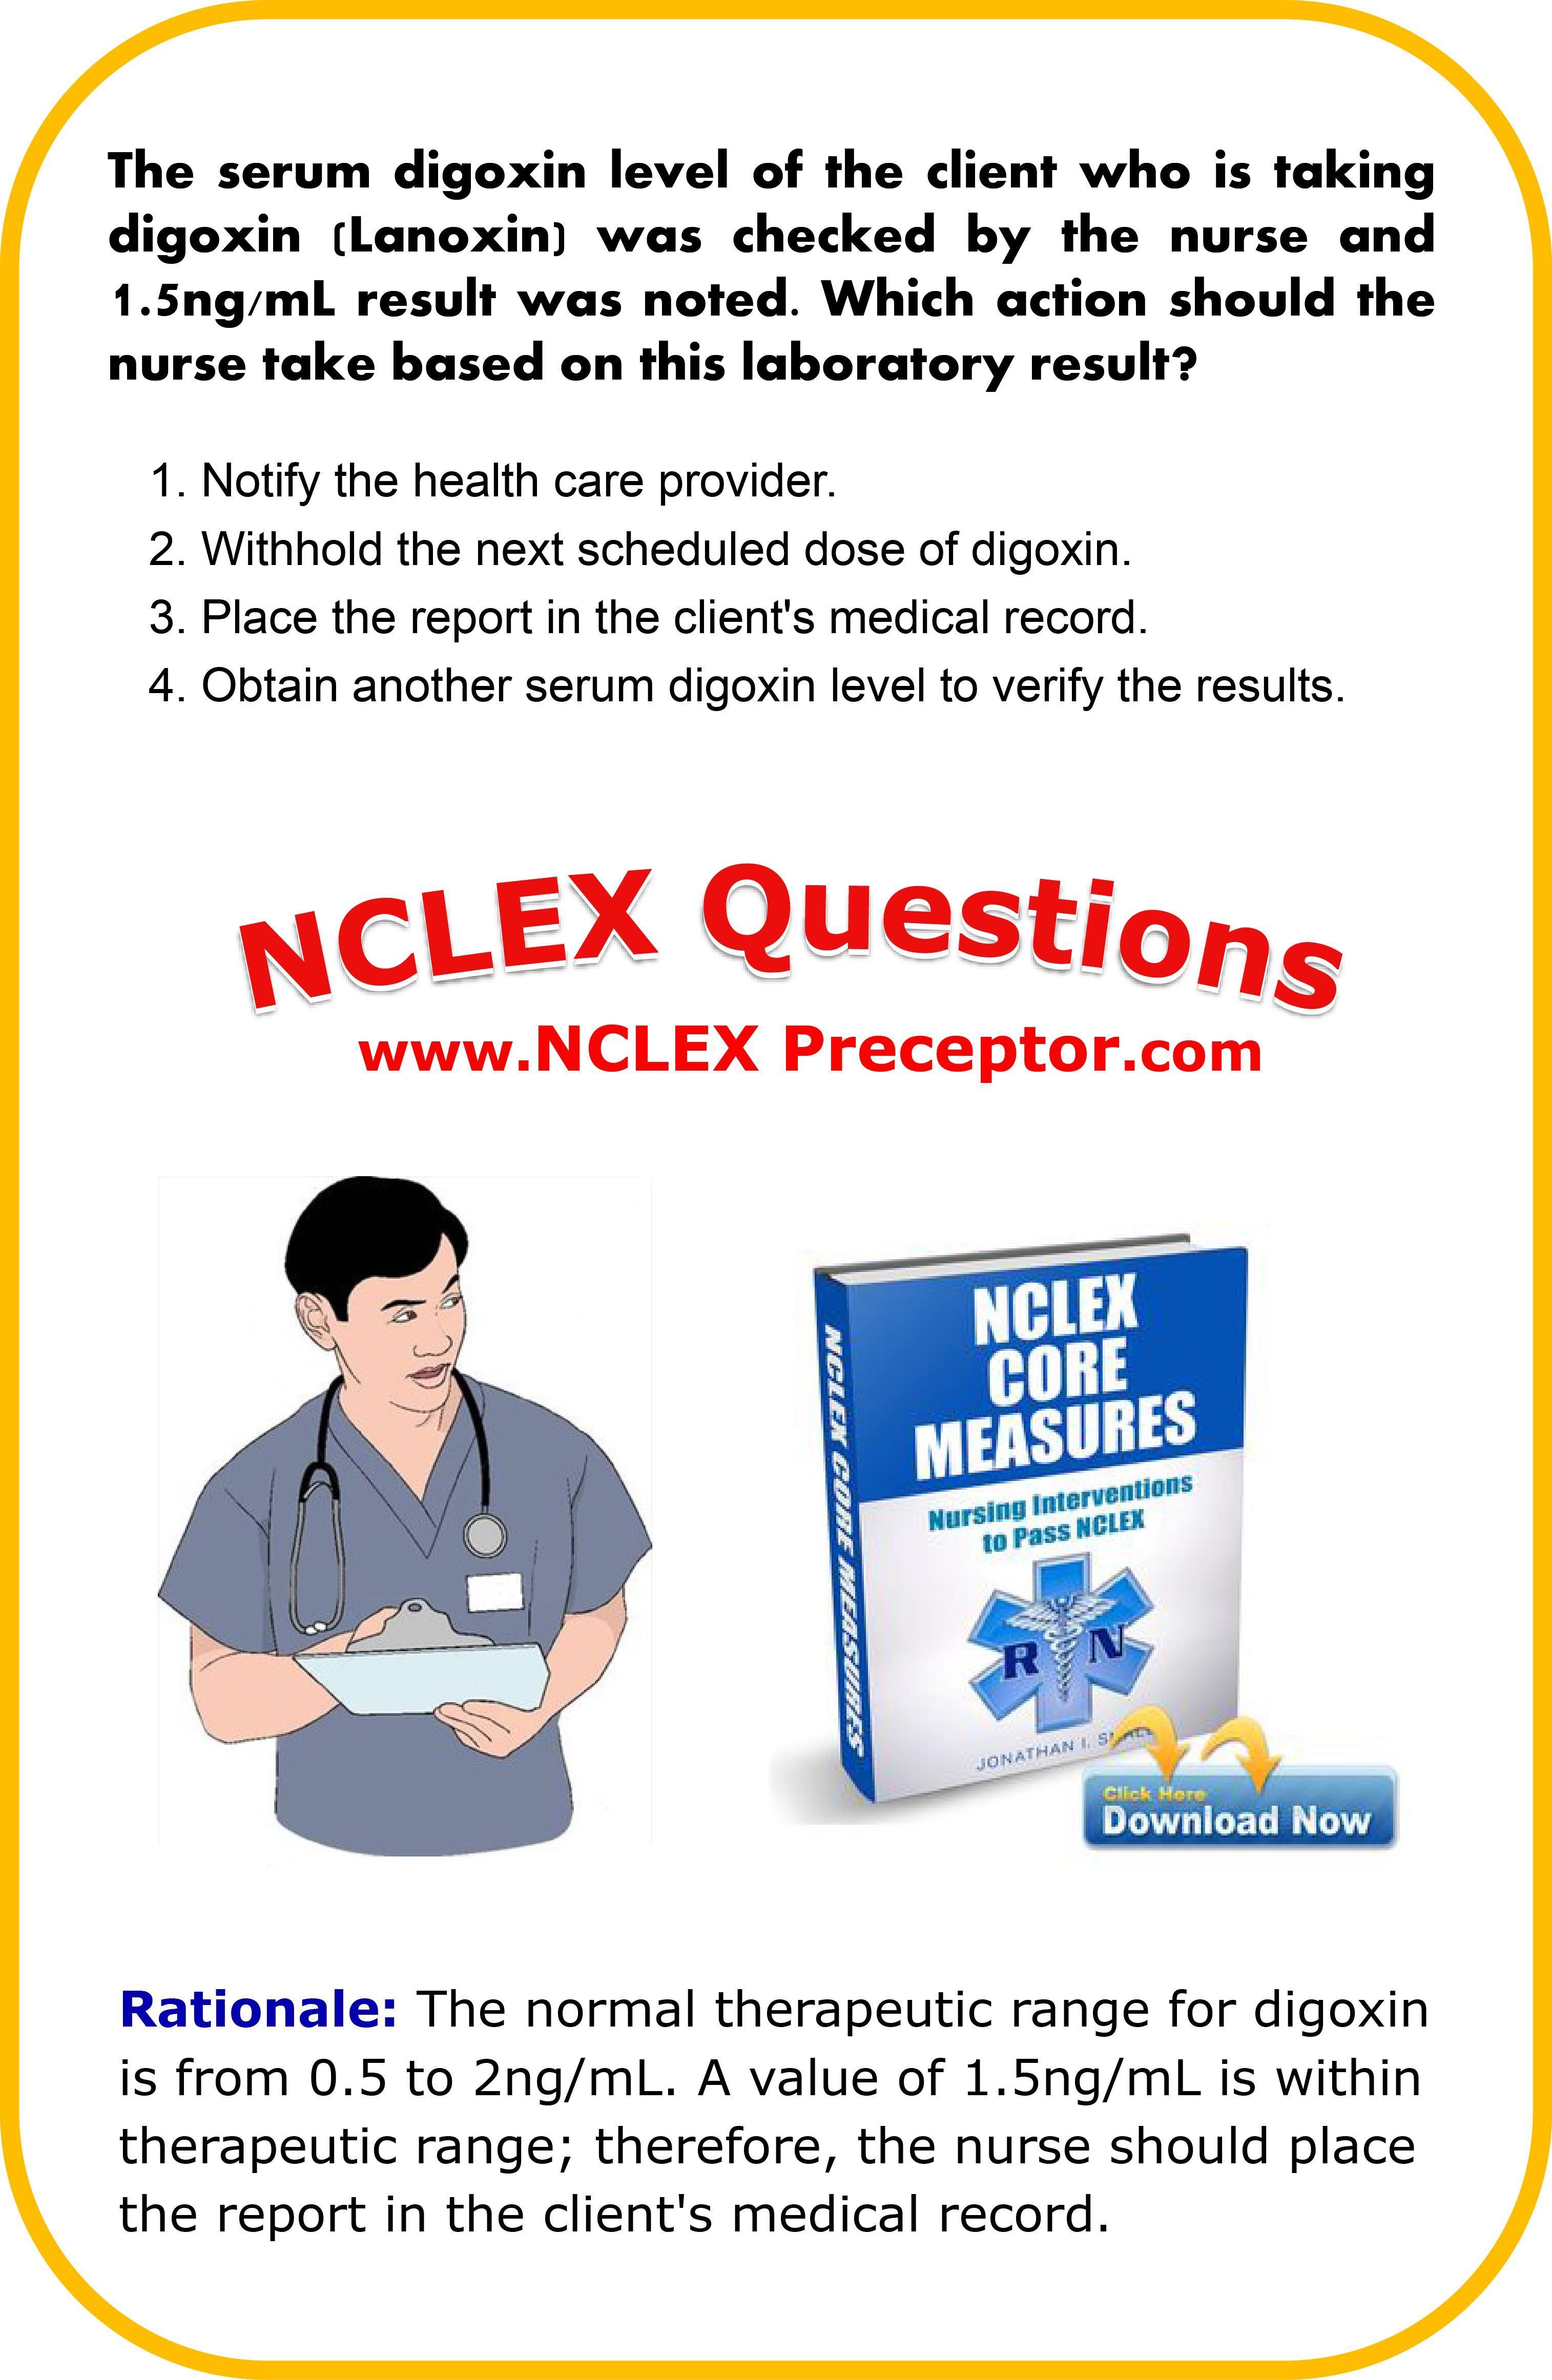 Nclex Review Questions For Nurse Rn Lexpreceptor Nclexcoremeasures